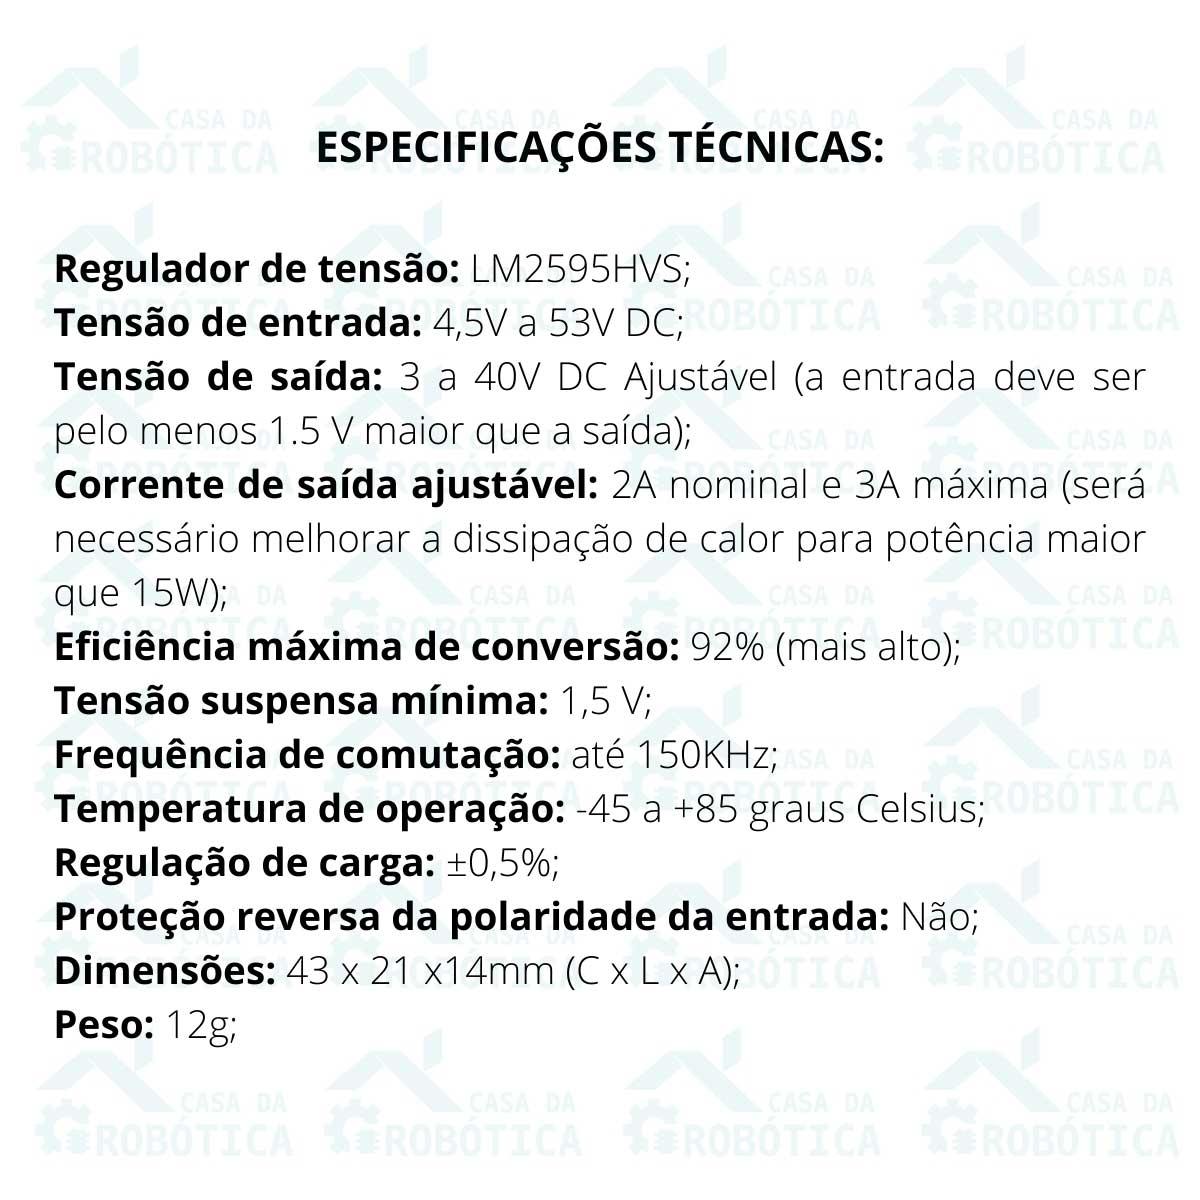 Regulador de Tensão Step Down Entrada 4,5v a 53v -  Buck Conversor DC DC LM2596HVS 3A